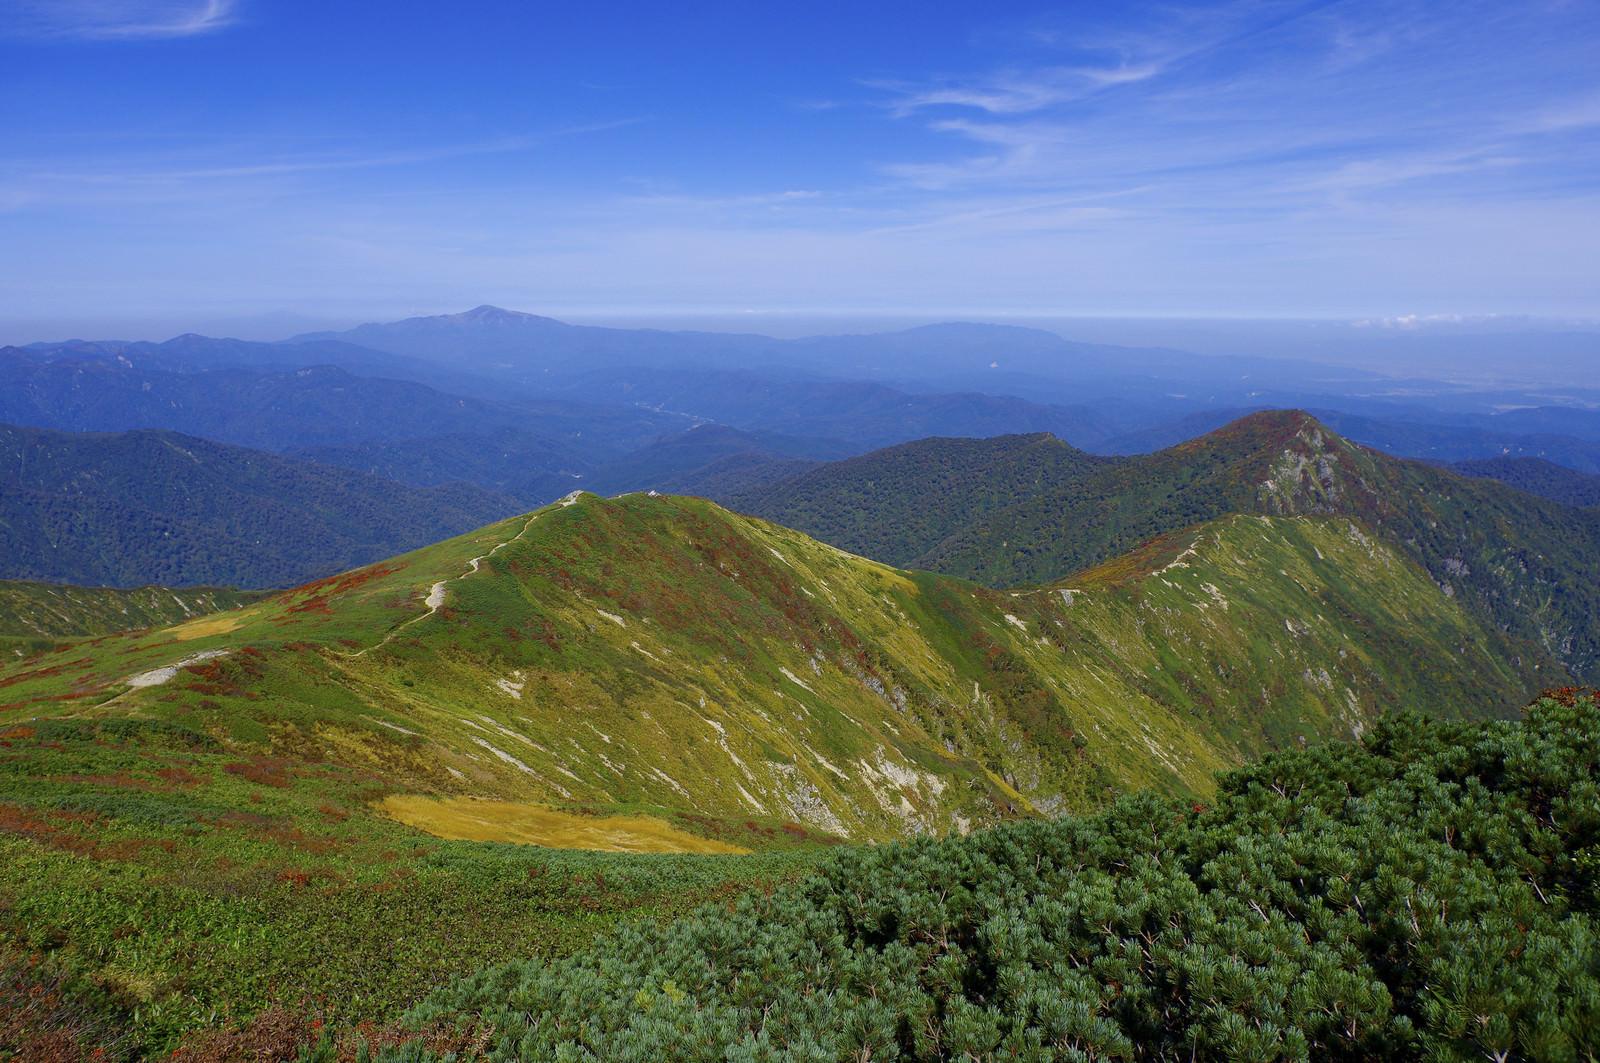 「小朝日岳へと続く稜線の景色(大朝日岳)」の写真